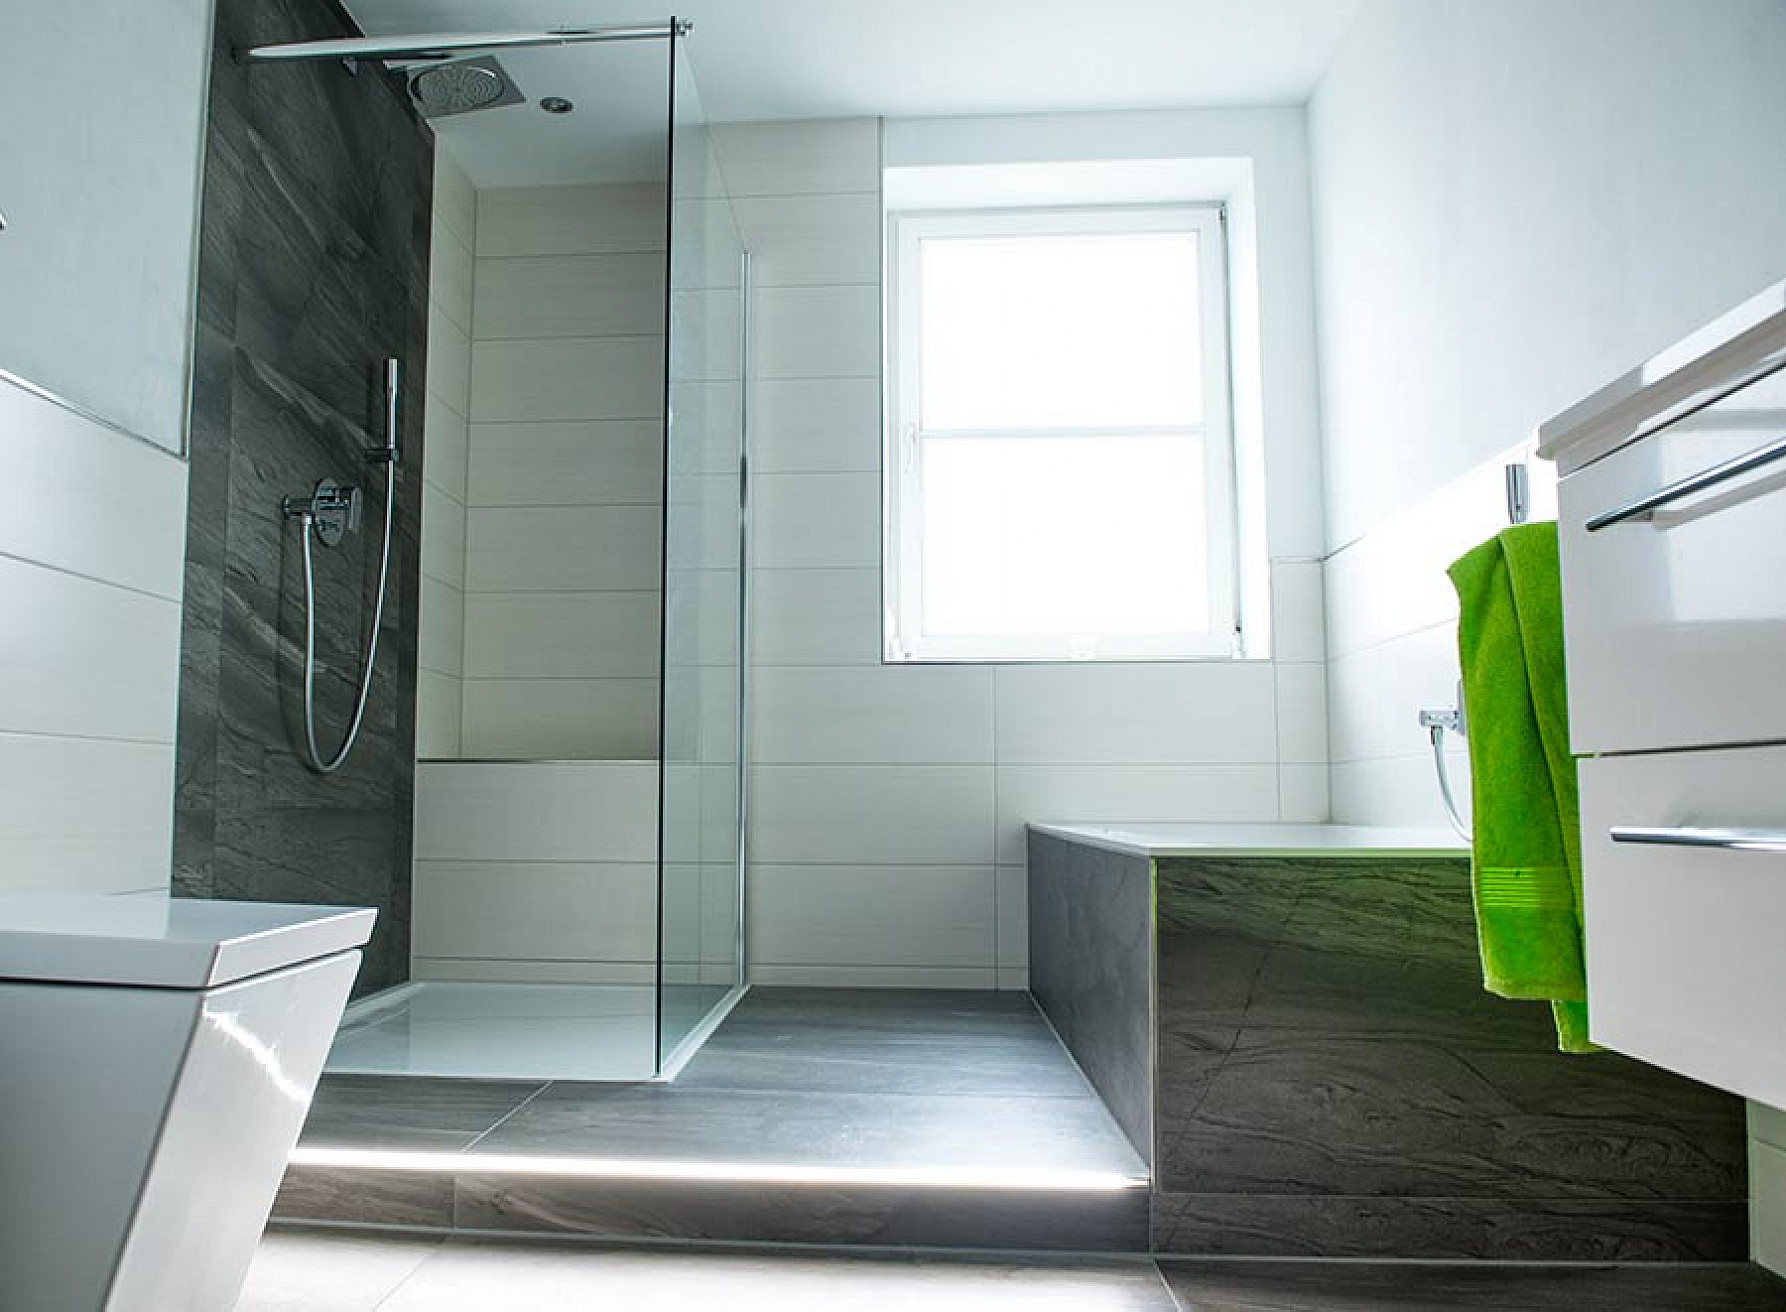 Fliesen im Badezimmer | Fliesen Gruber